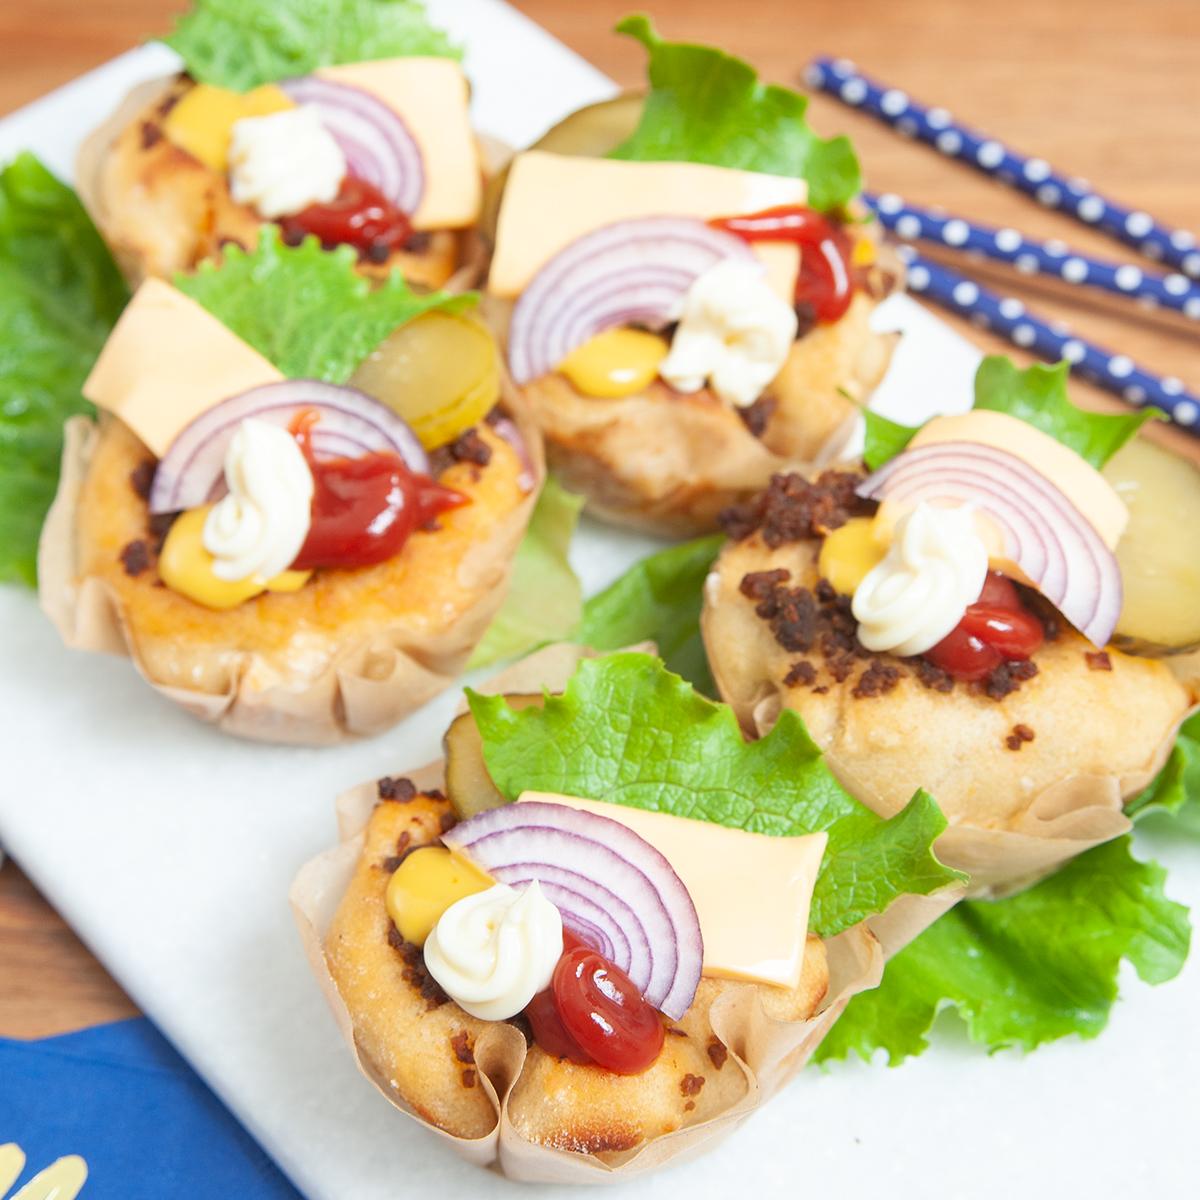 Kleine Burger in Muffin-Form